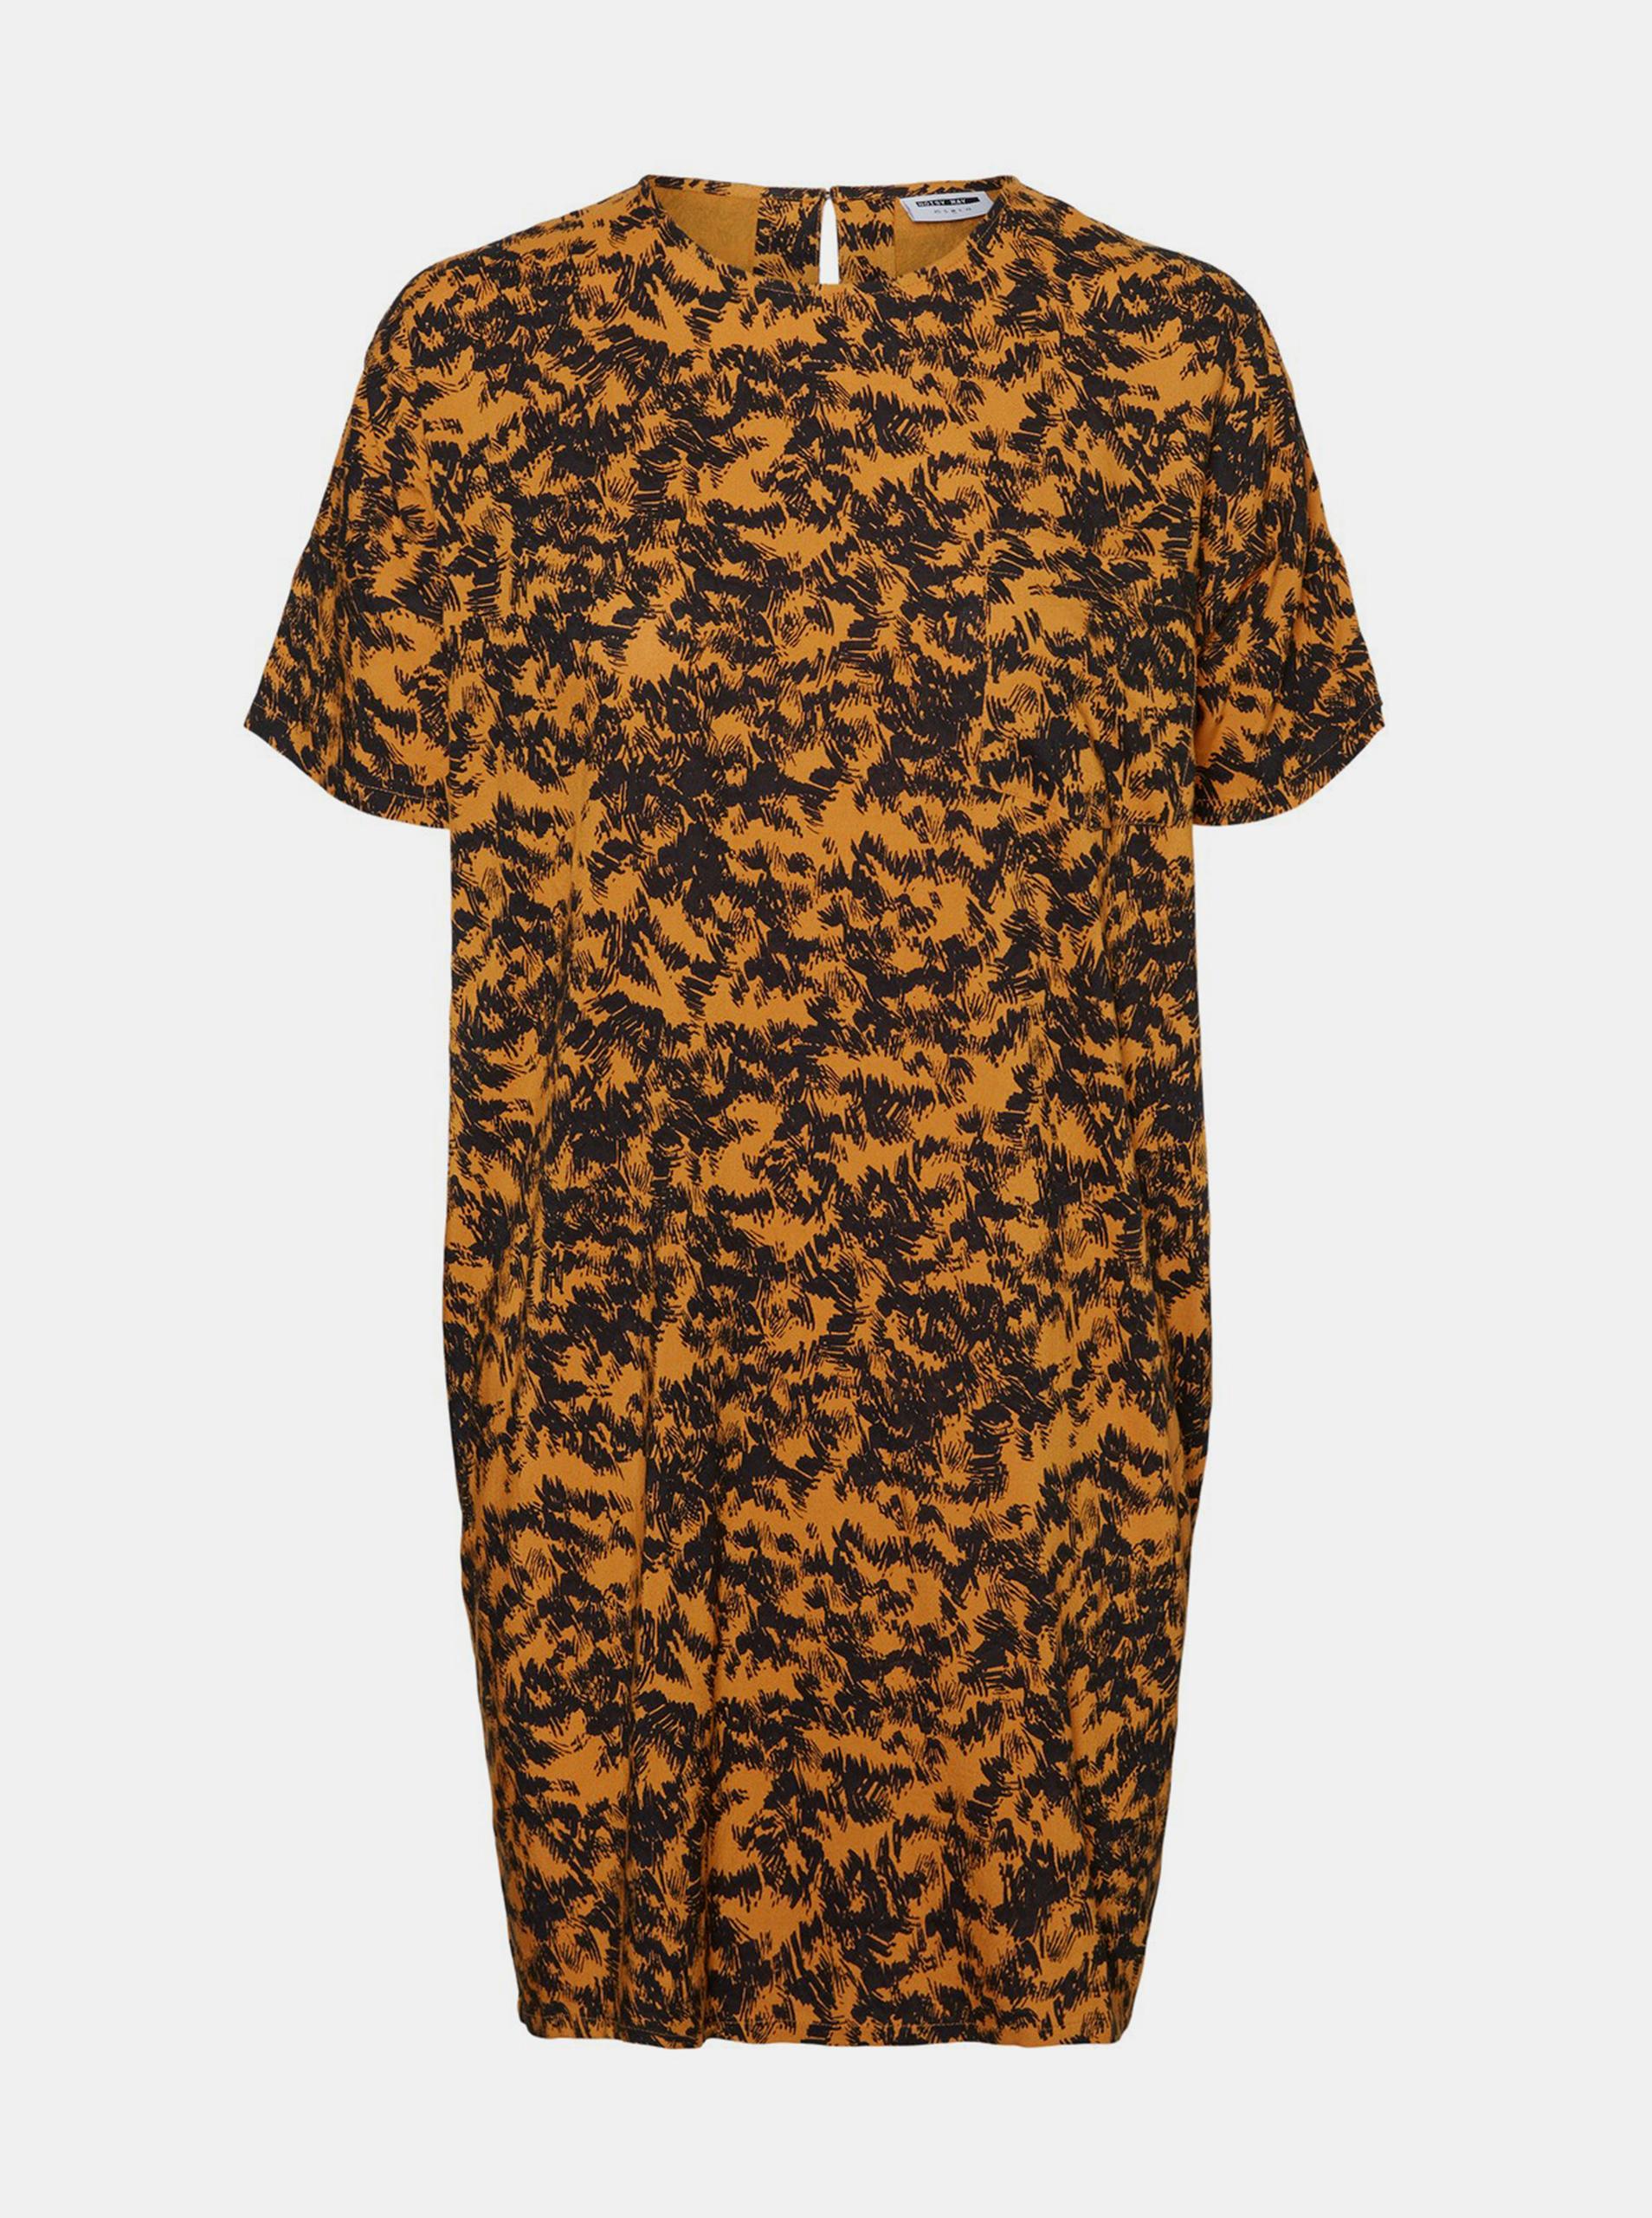 Rochie liberă cu model portocaliu, Noisy May Cille